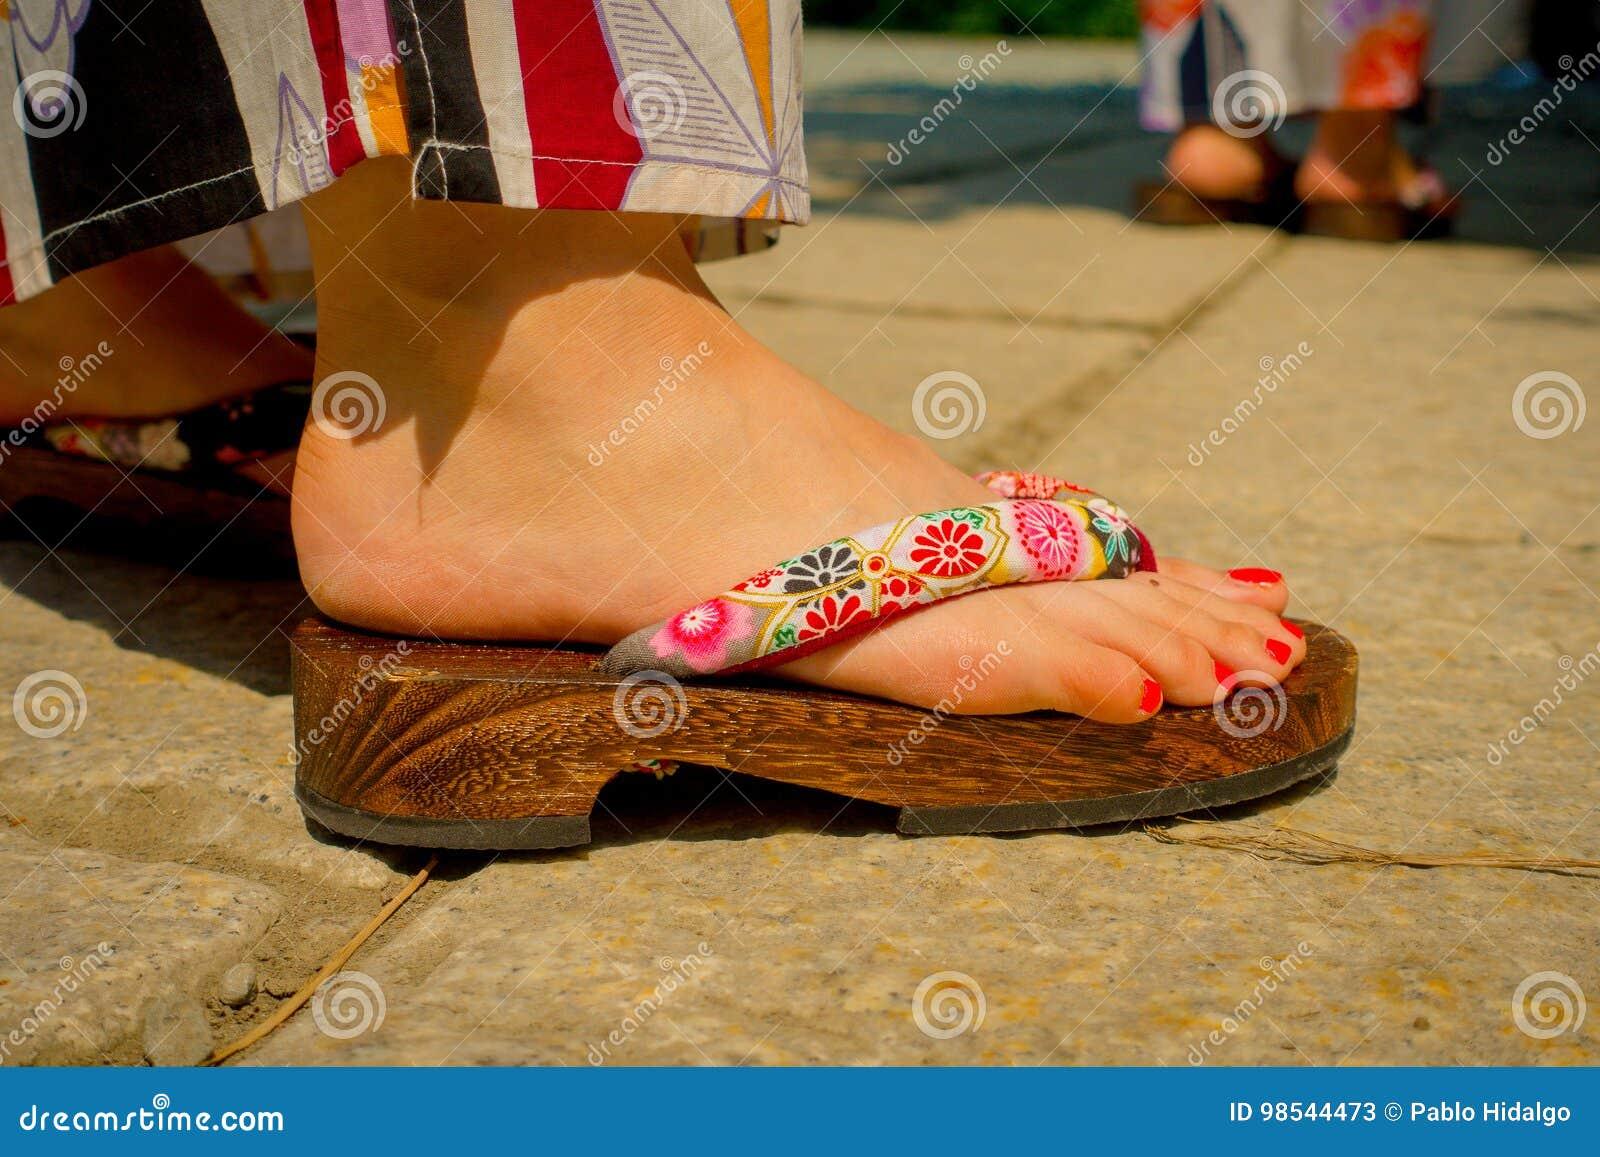 Tokyo japan asian foot model site